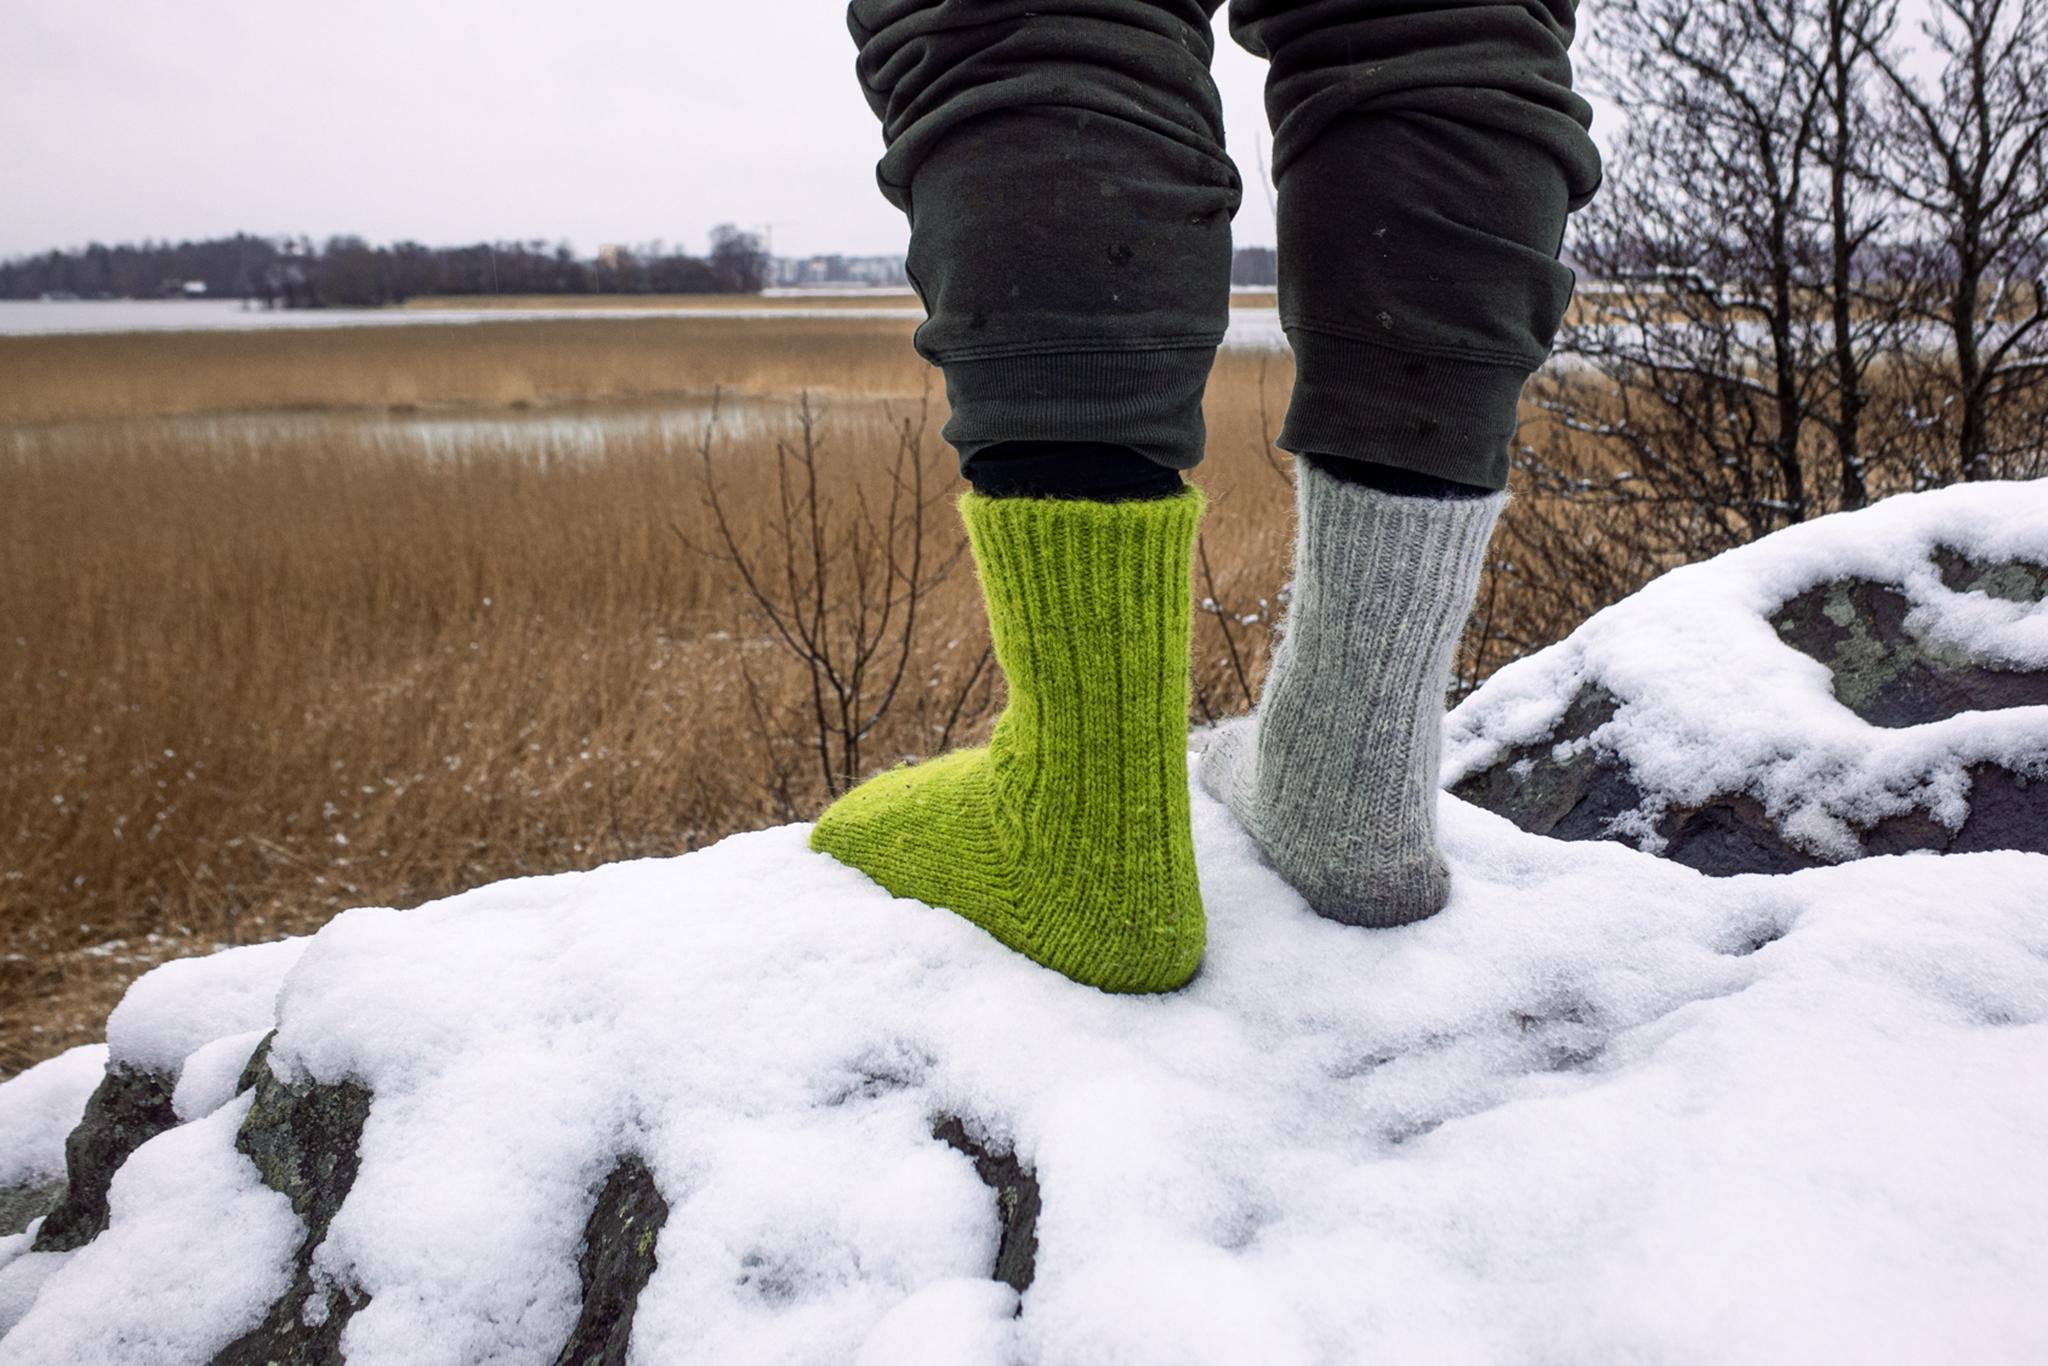 Henkilö seisomassa lumessa eripariset Helsingin Villasukkatehtaan villasukat jalassa.